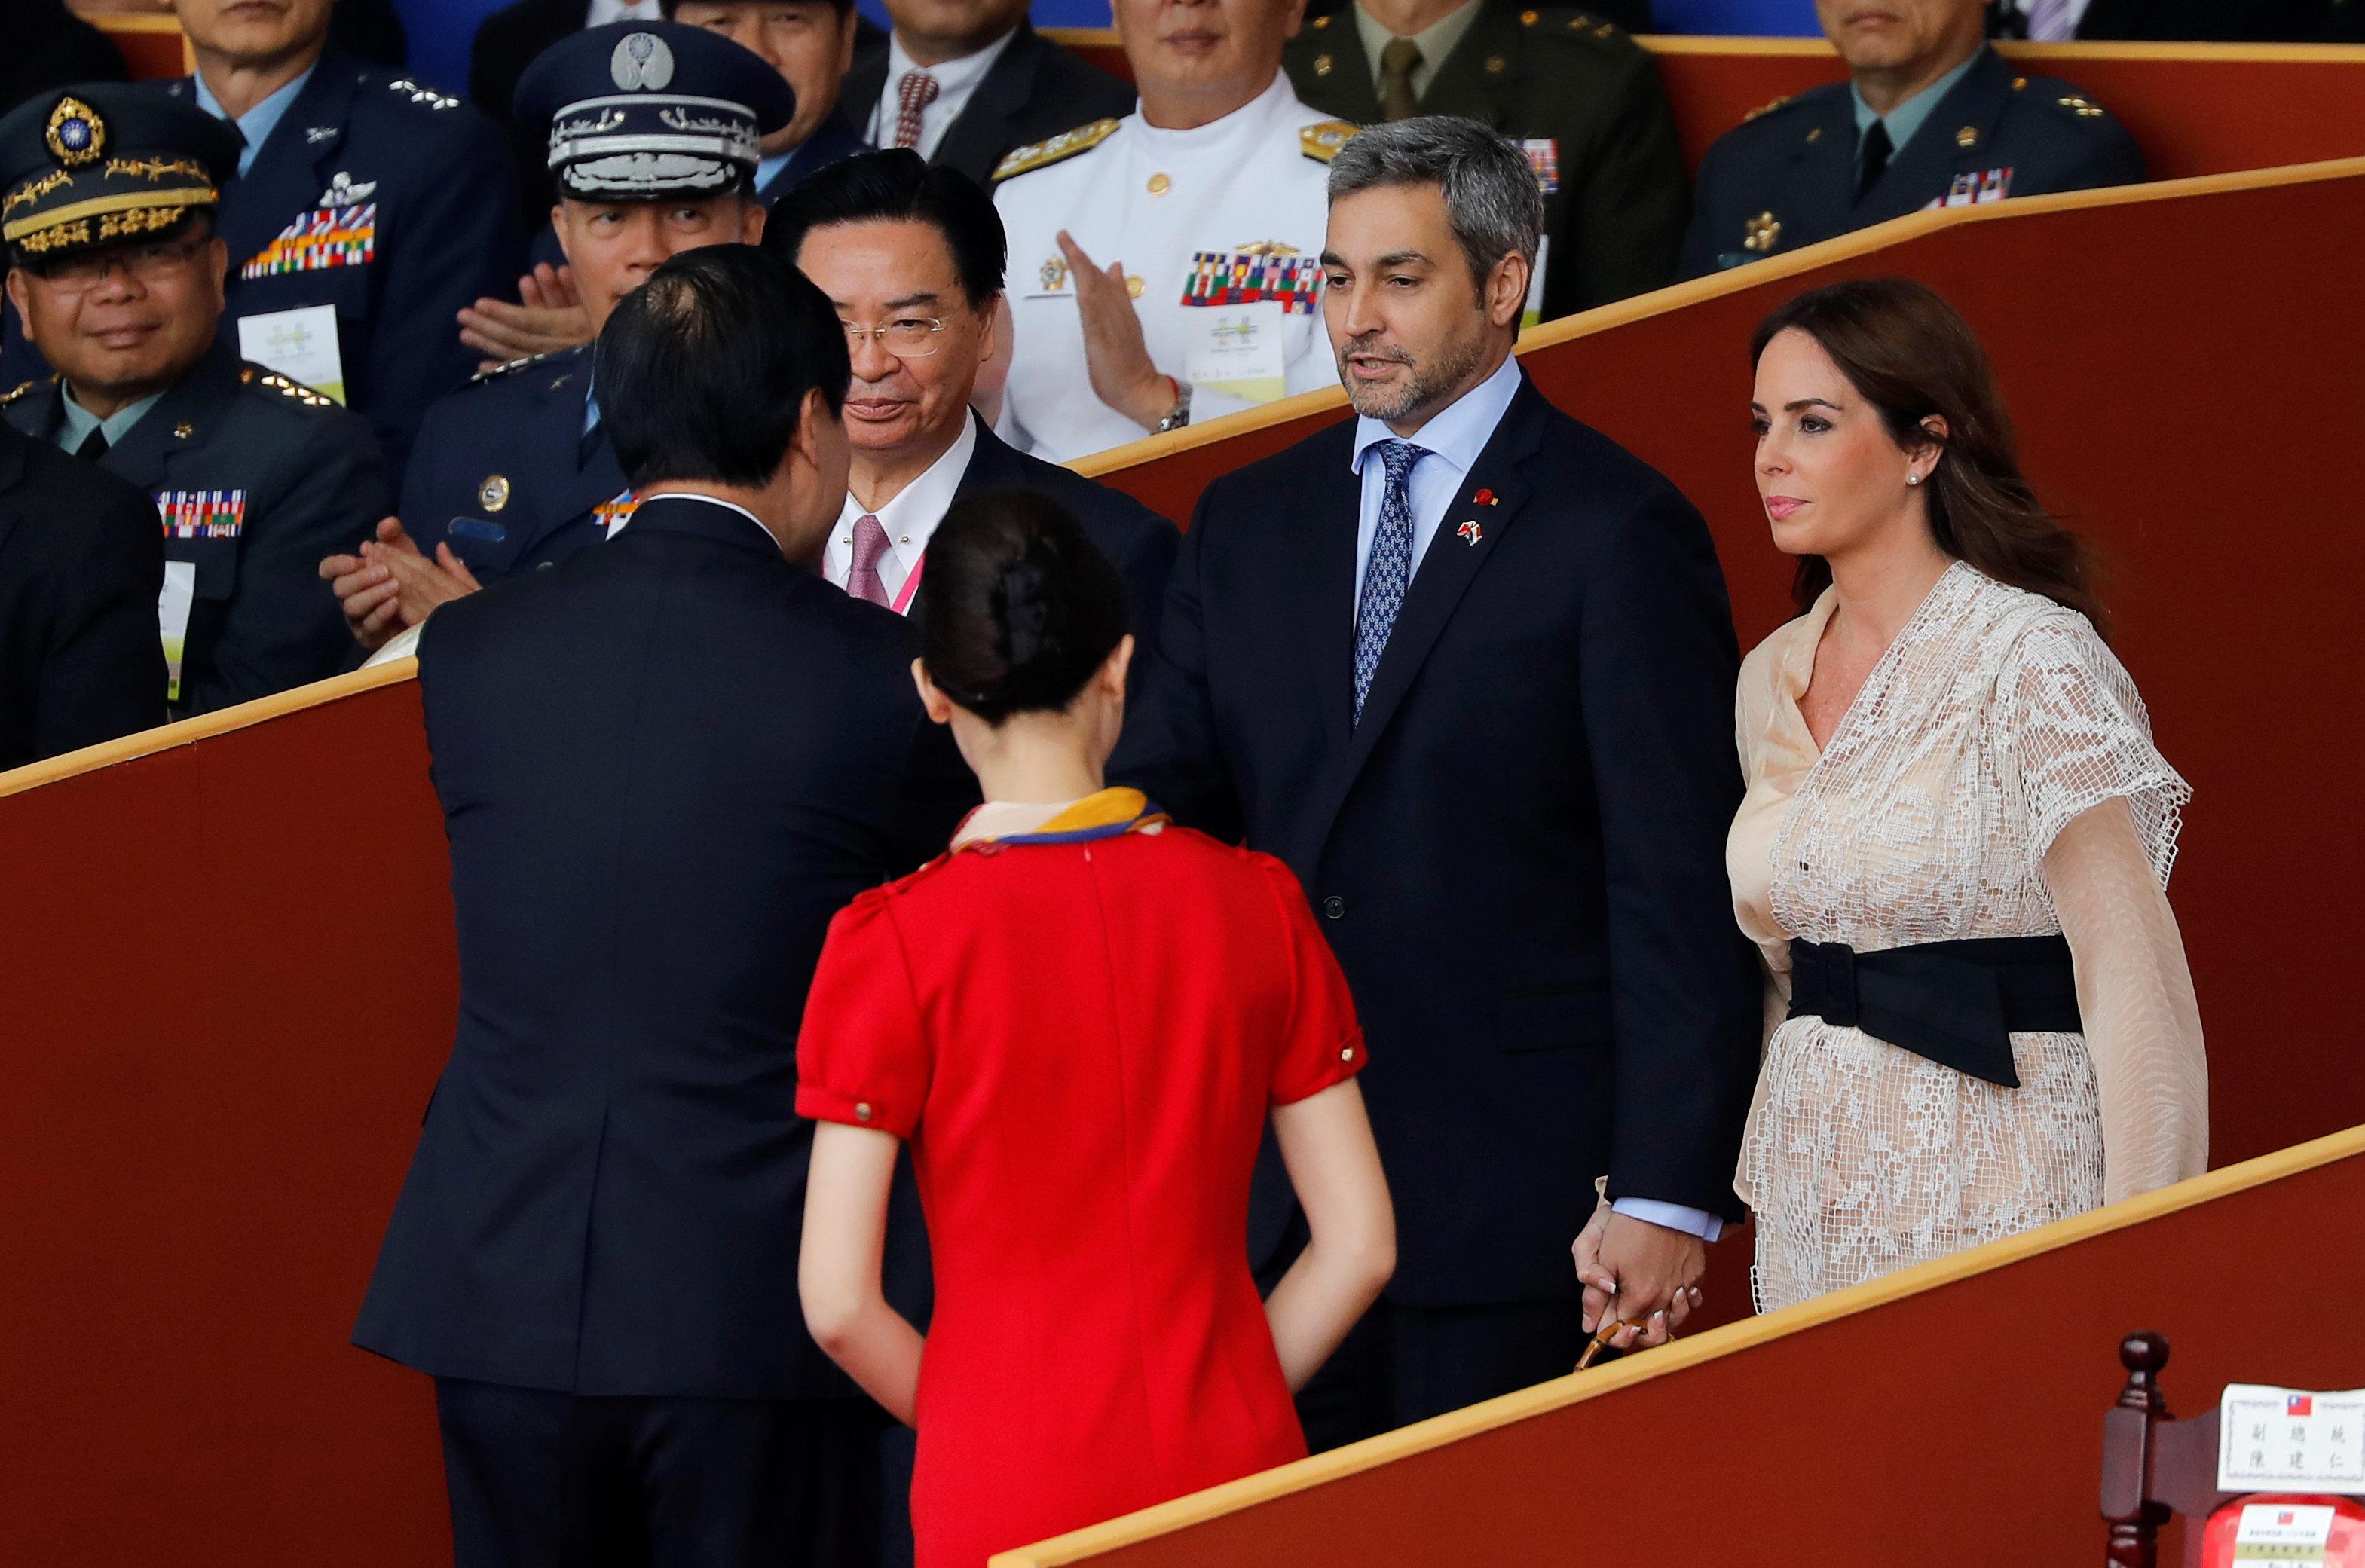 رئيس باراجواى وزوجته يشاركان فى الاحتفال باليوم الوطنى لتايوان